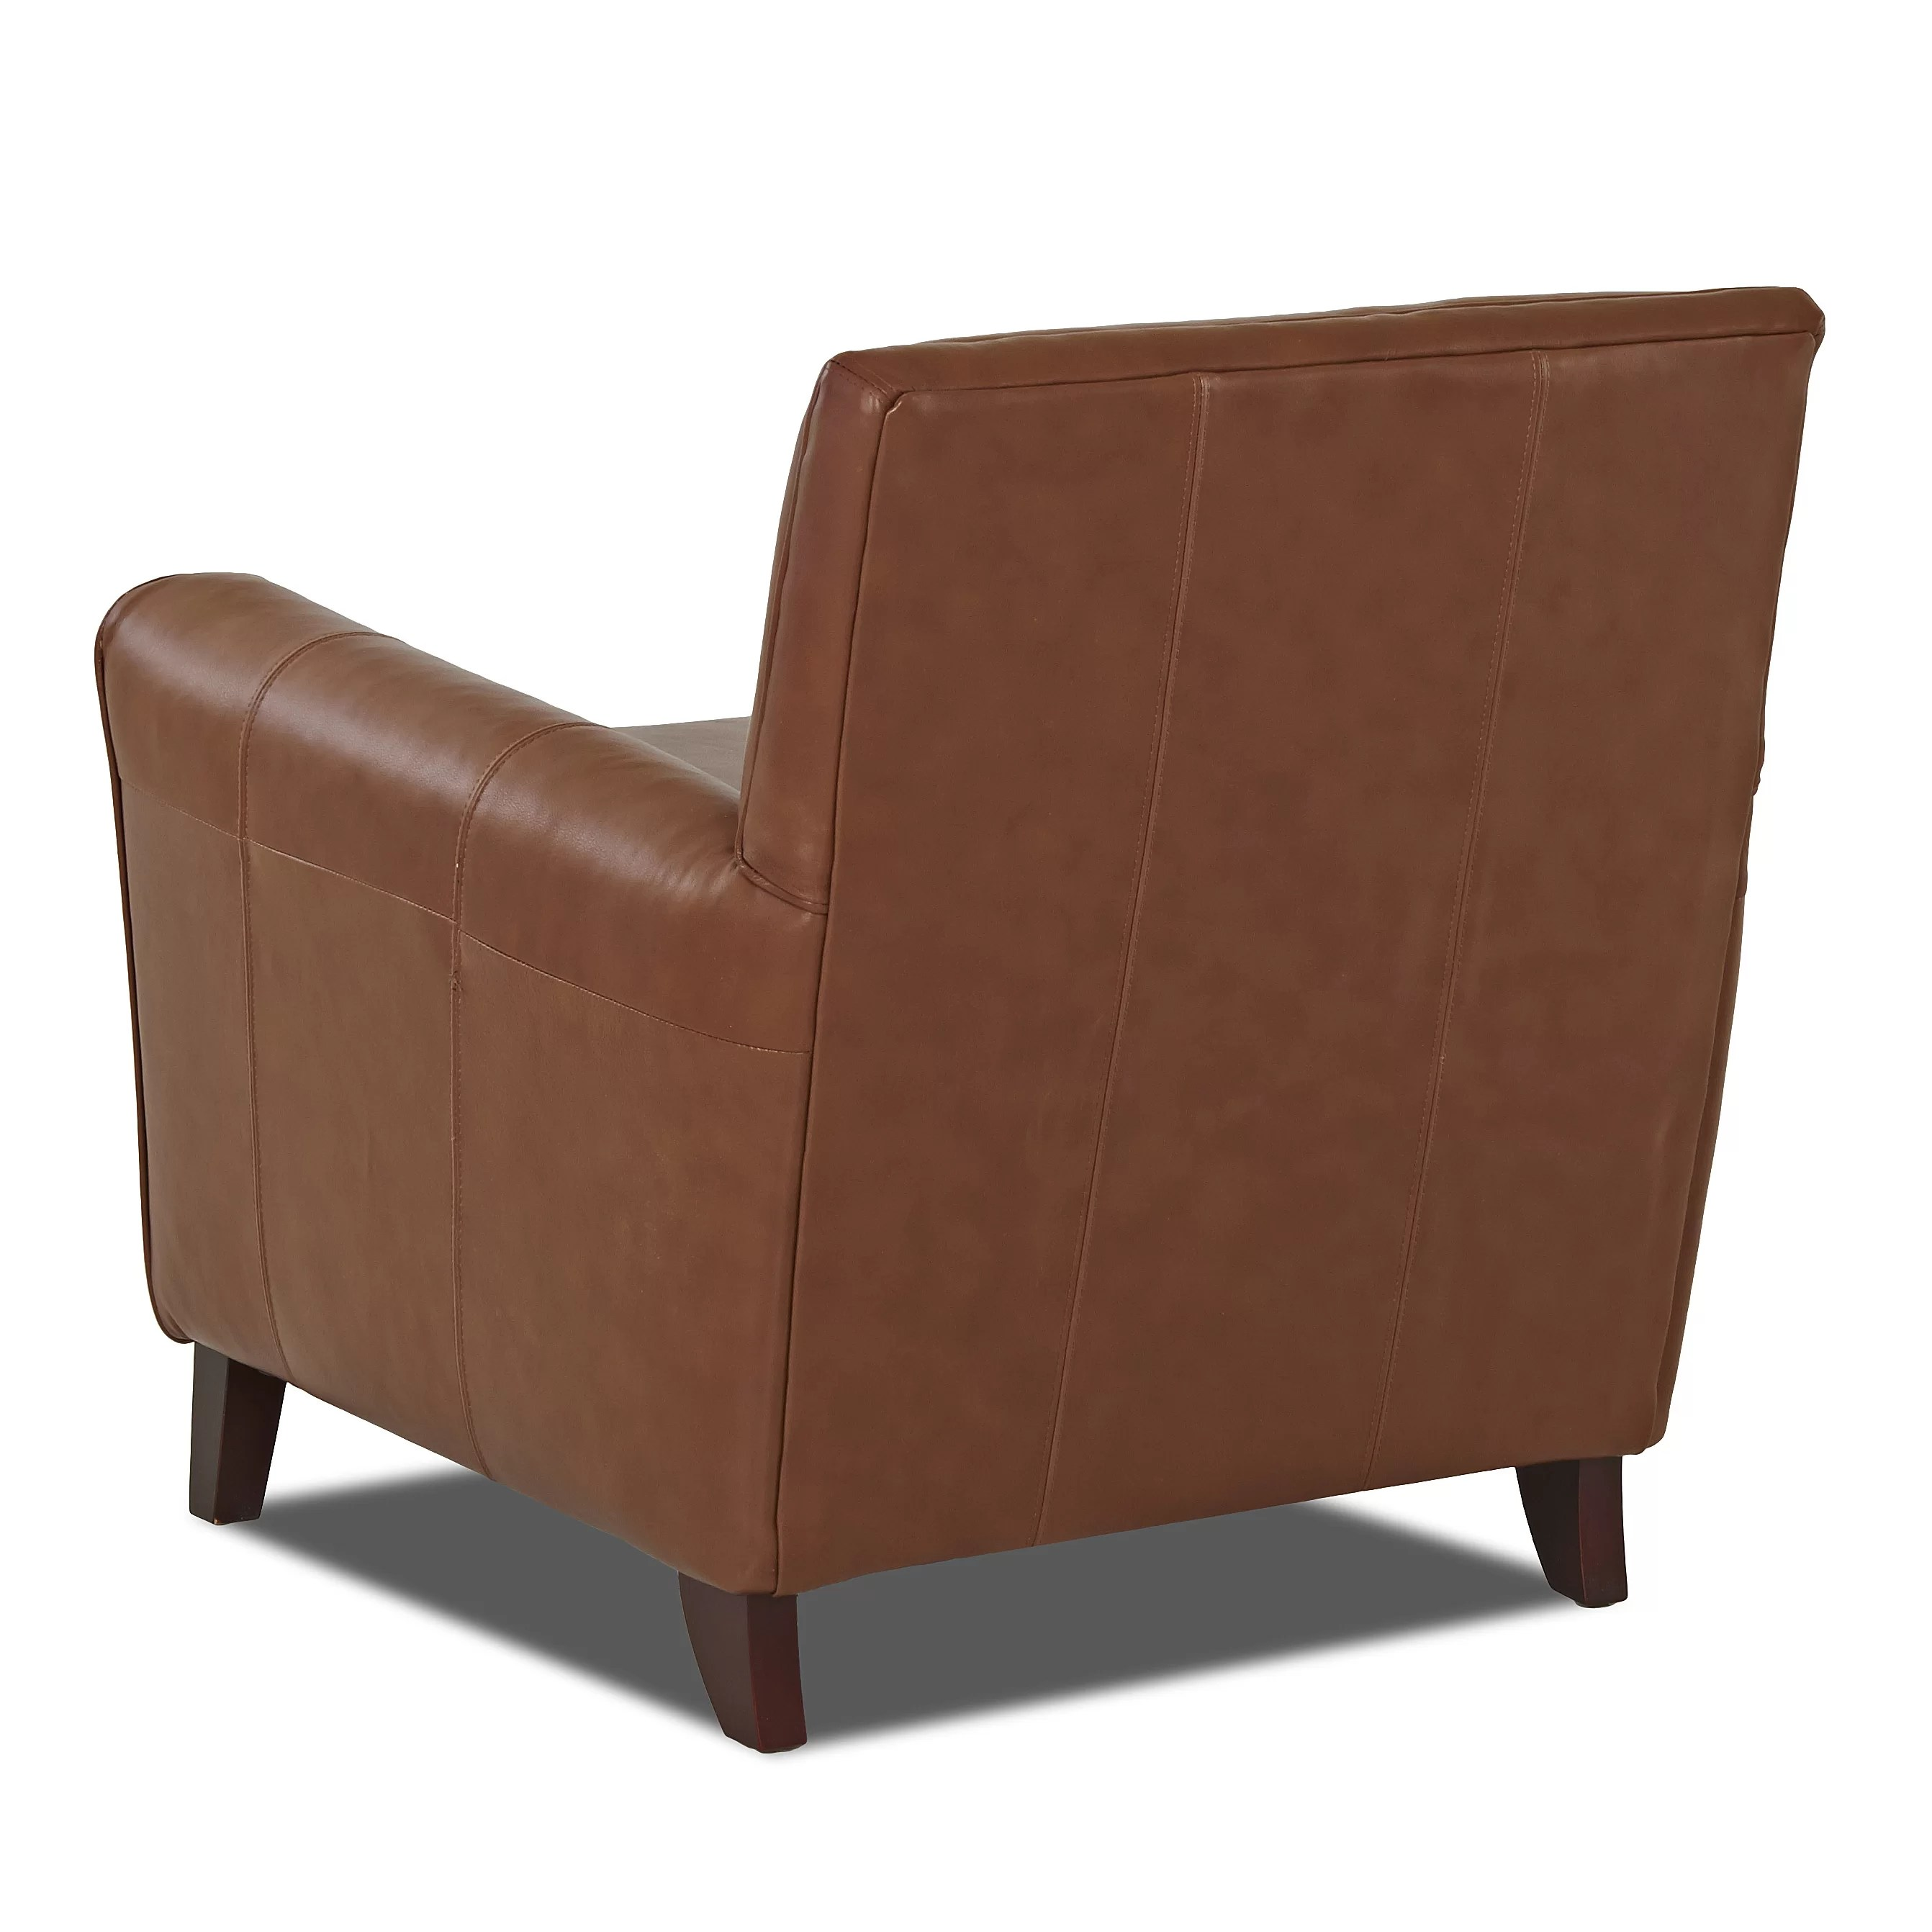 Wayfair Custom Upholstery Grayson Leather Arm Chair